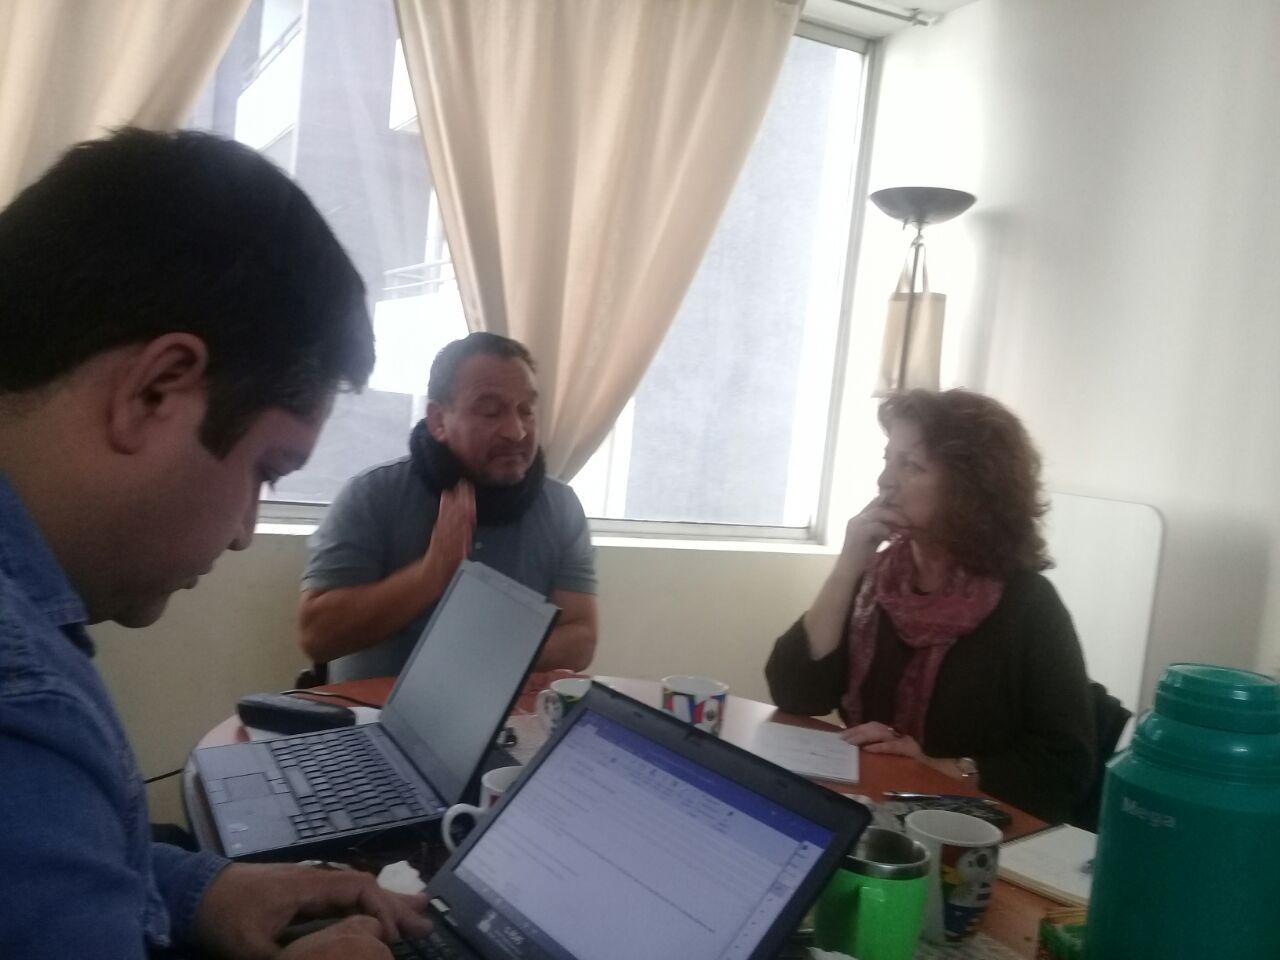 Comisión de educación ANEF y Fenaedup sostienen reunión de trabajo